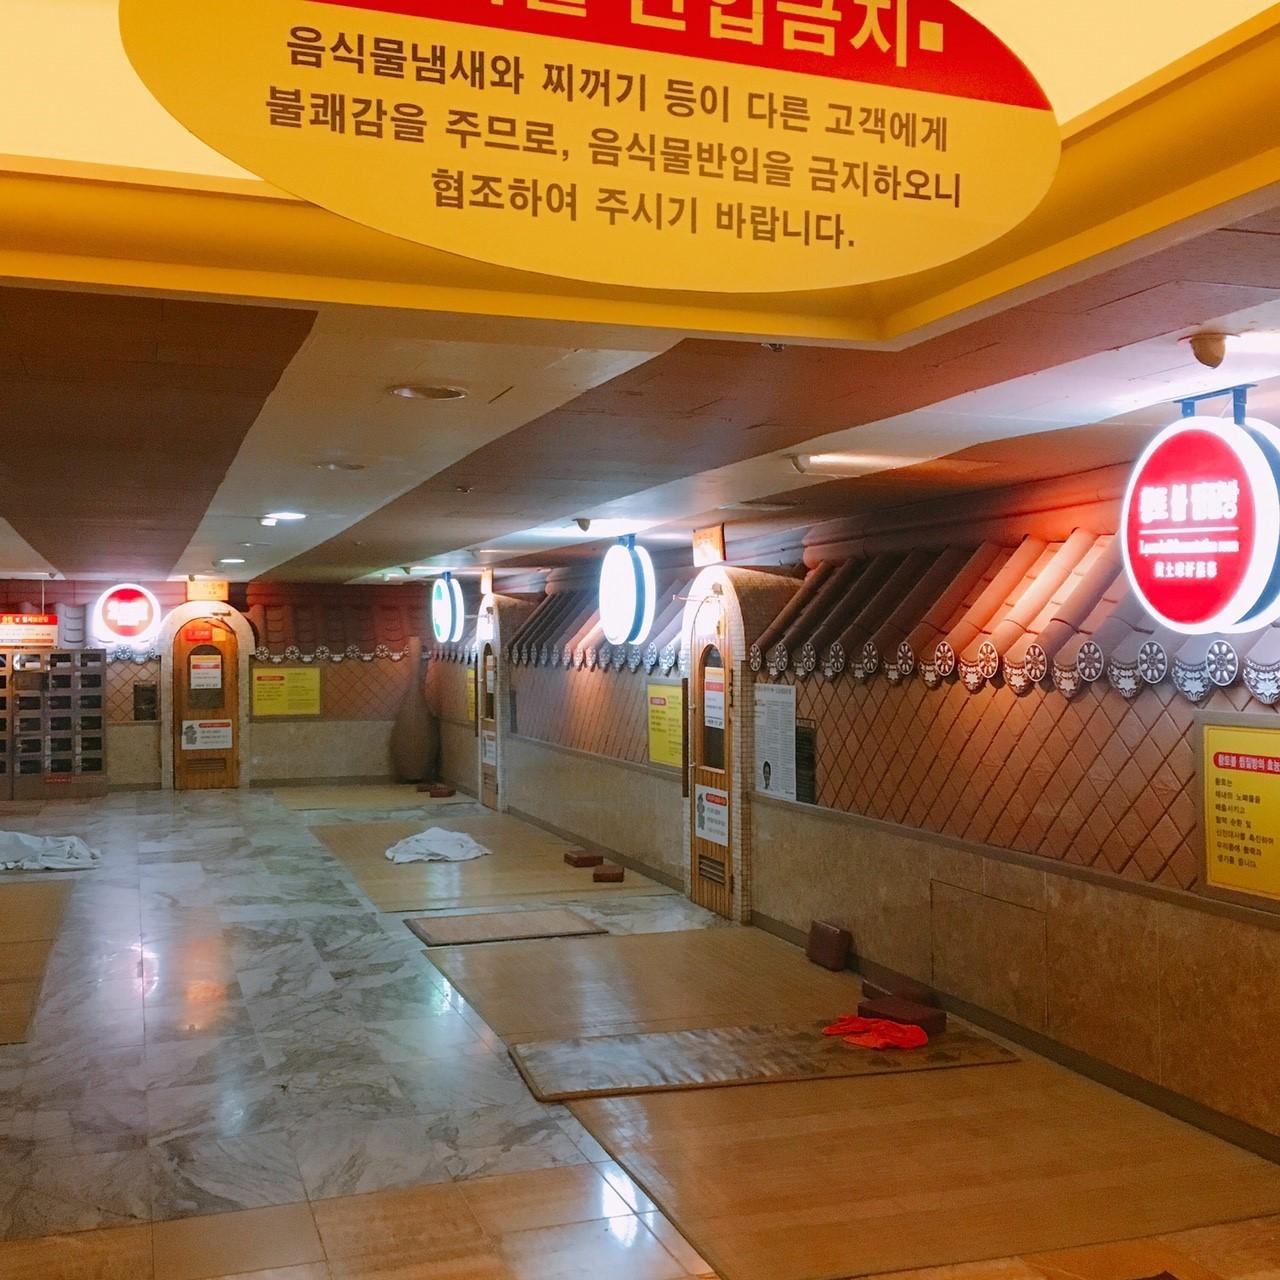 【韓国】チムヂルバンで疲れをふっとばそう!_1_1-3